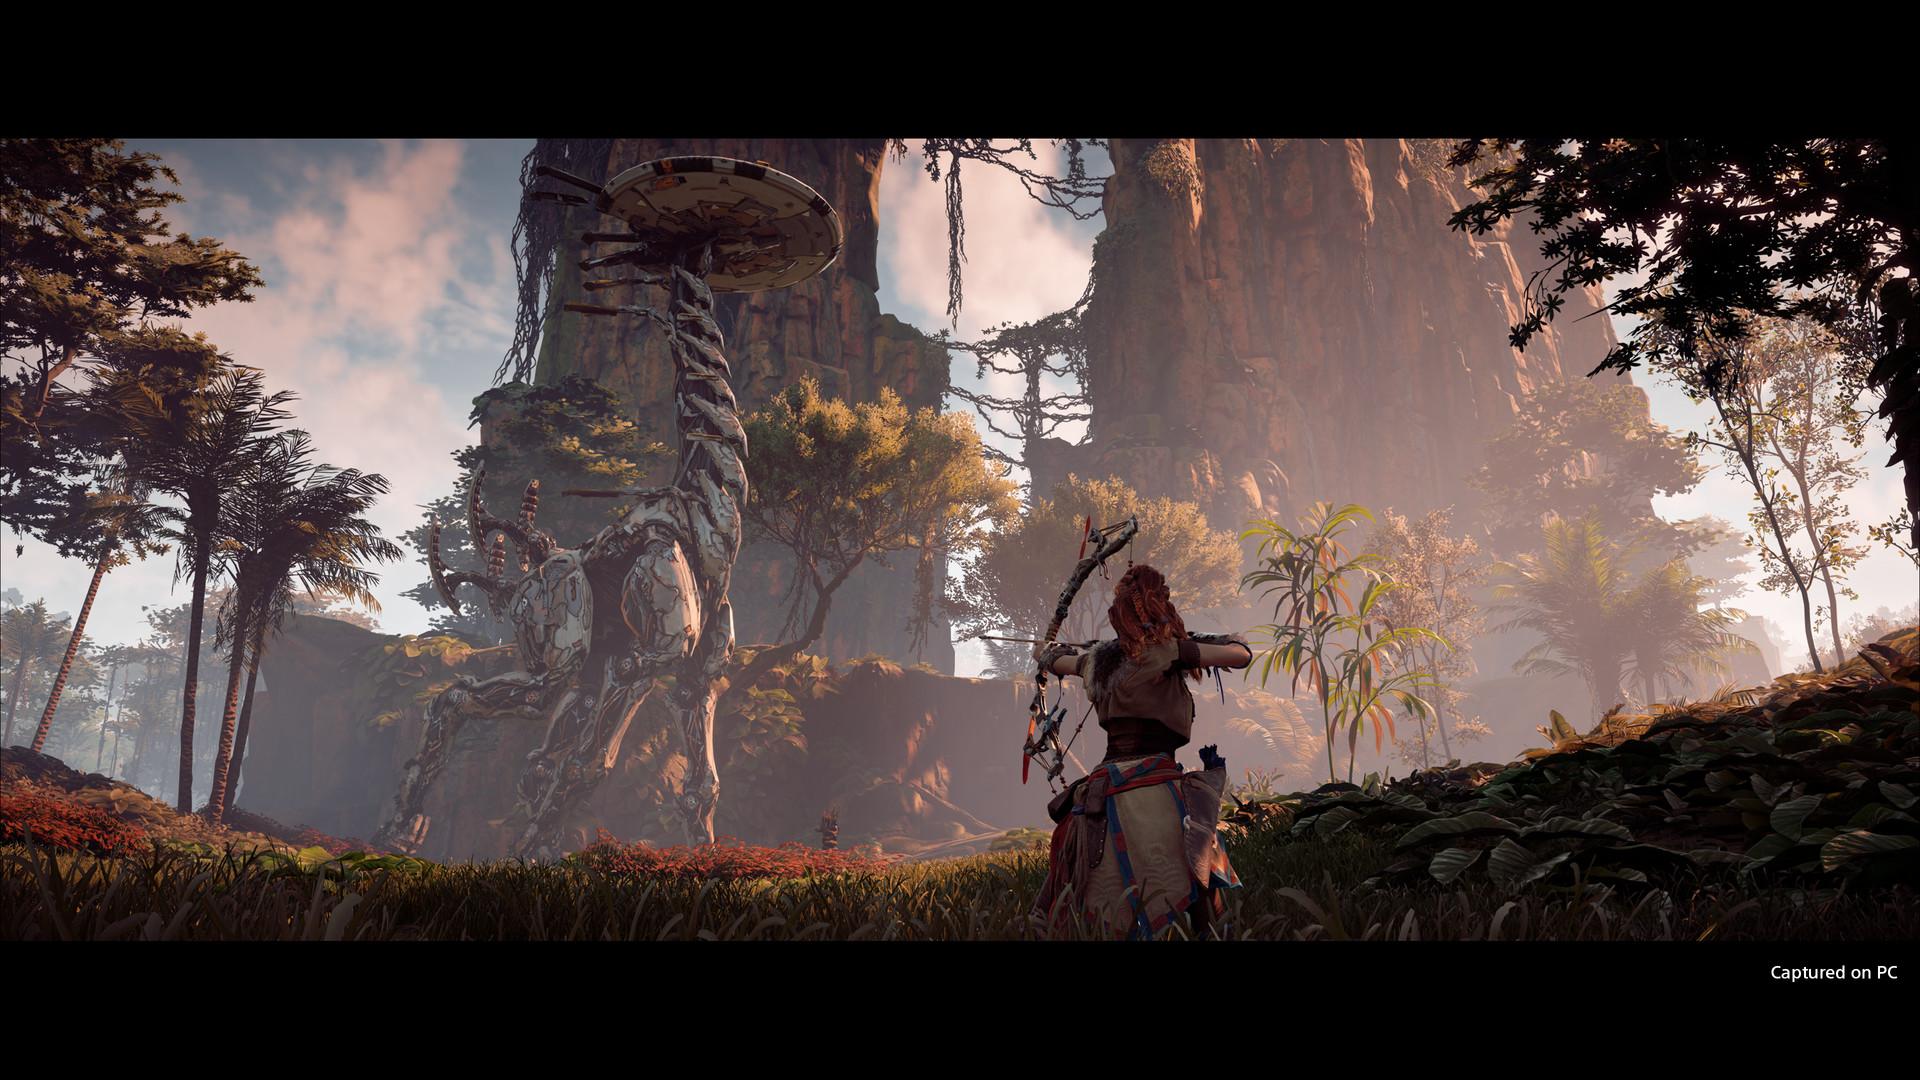 Horizon Zero Dawn Sees Price Hikes On Steam